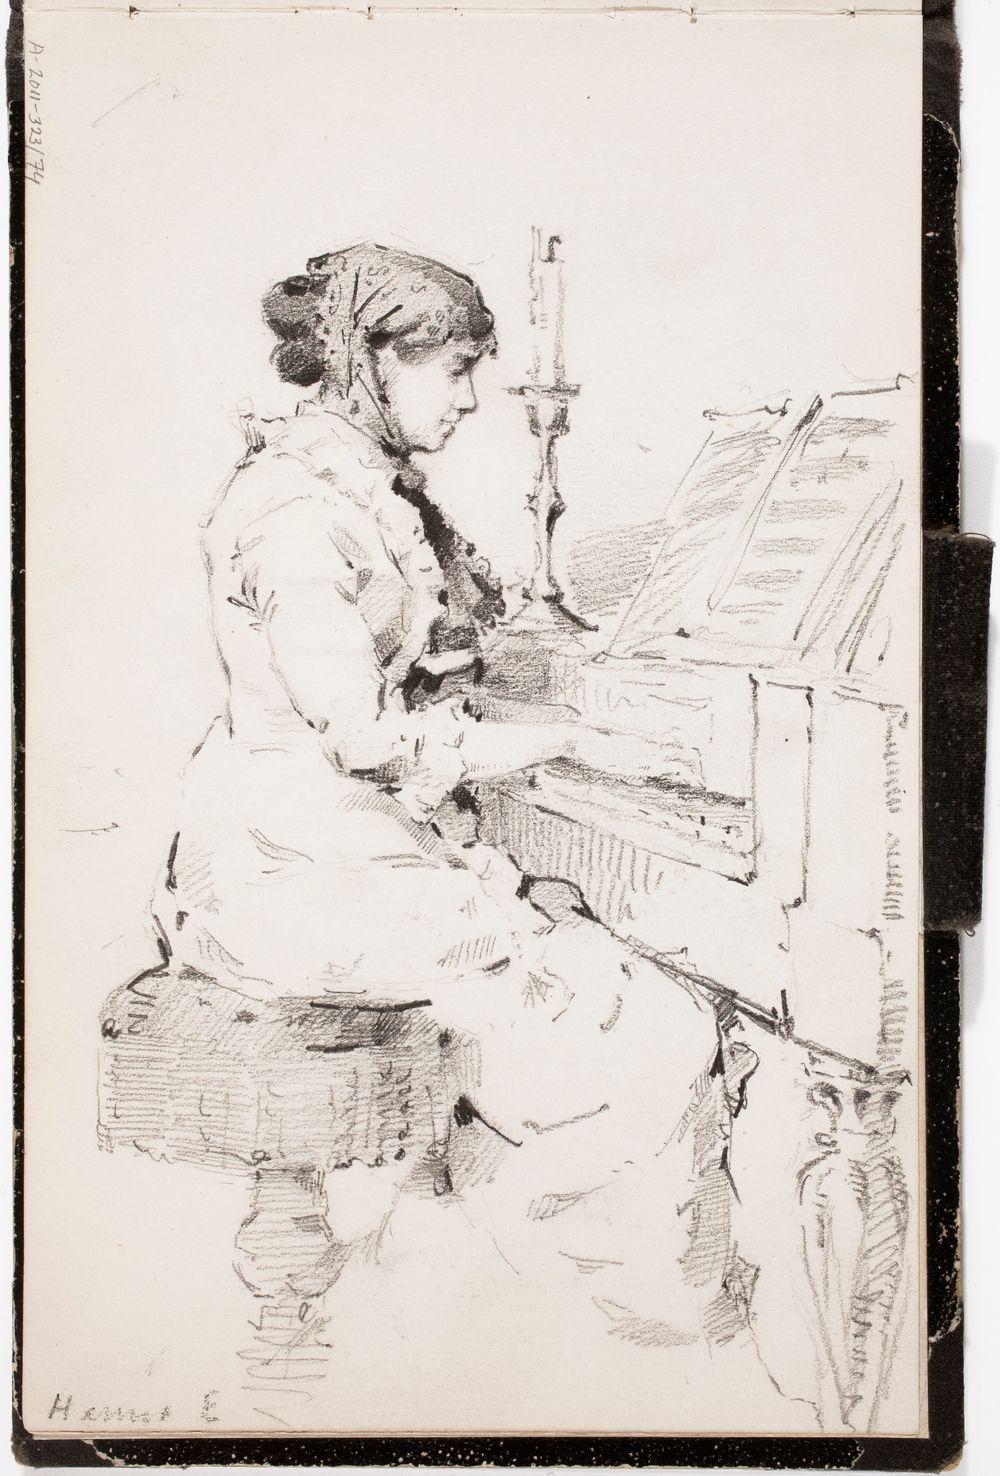 Hanna Estlander o.s. Lupander [taiteilijan serkku] soittaa pianoa, merkitty: Hanna E